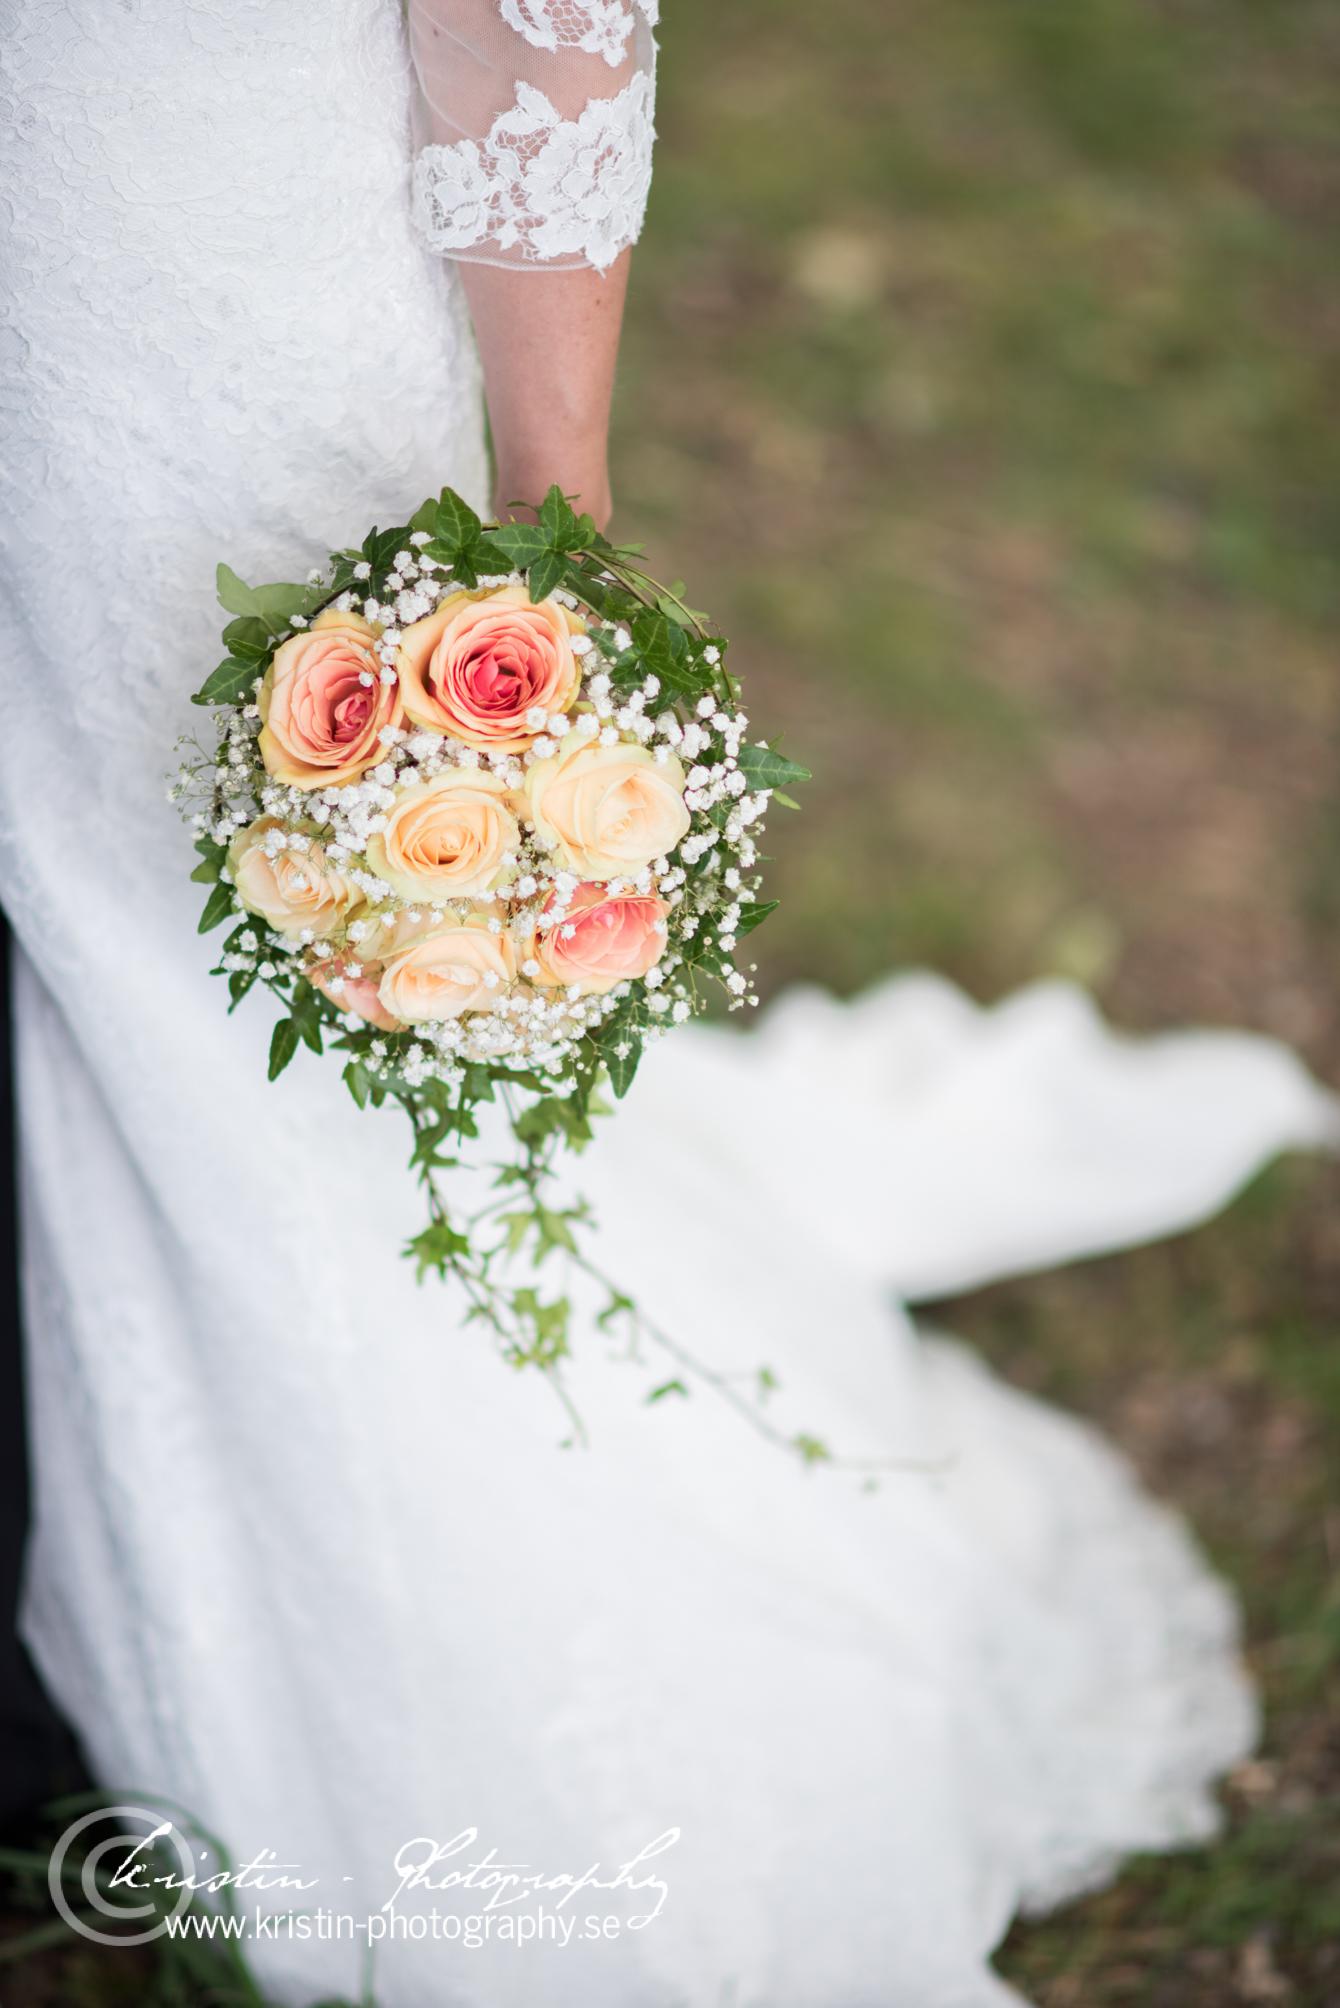 Bröllopsfotograf i Eskilstuna, Kristin - Photography, weddingphotographer -86.jpg